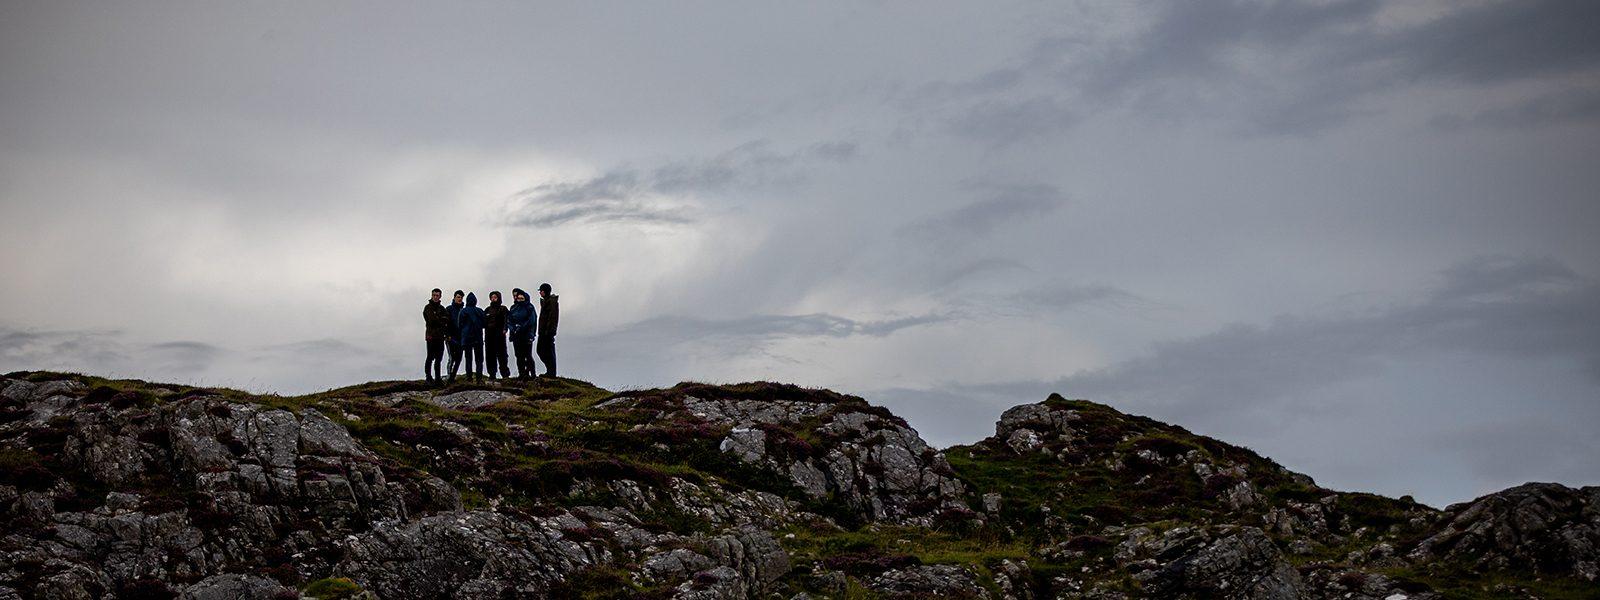 Loch eil 1600 group hill